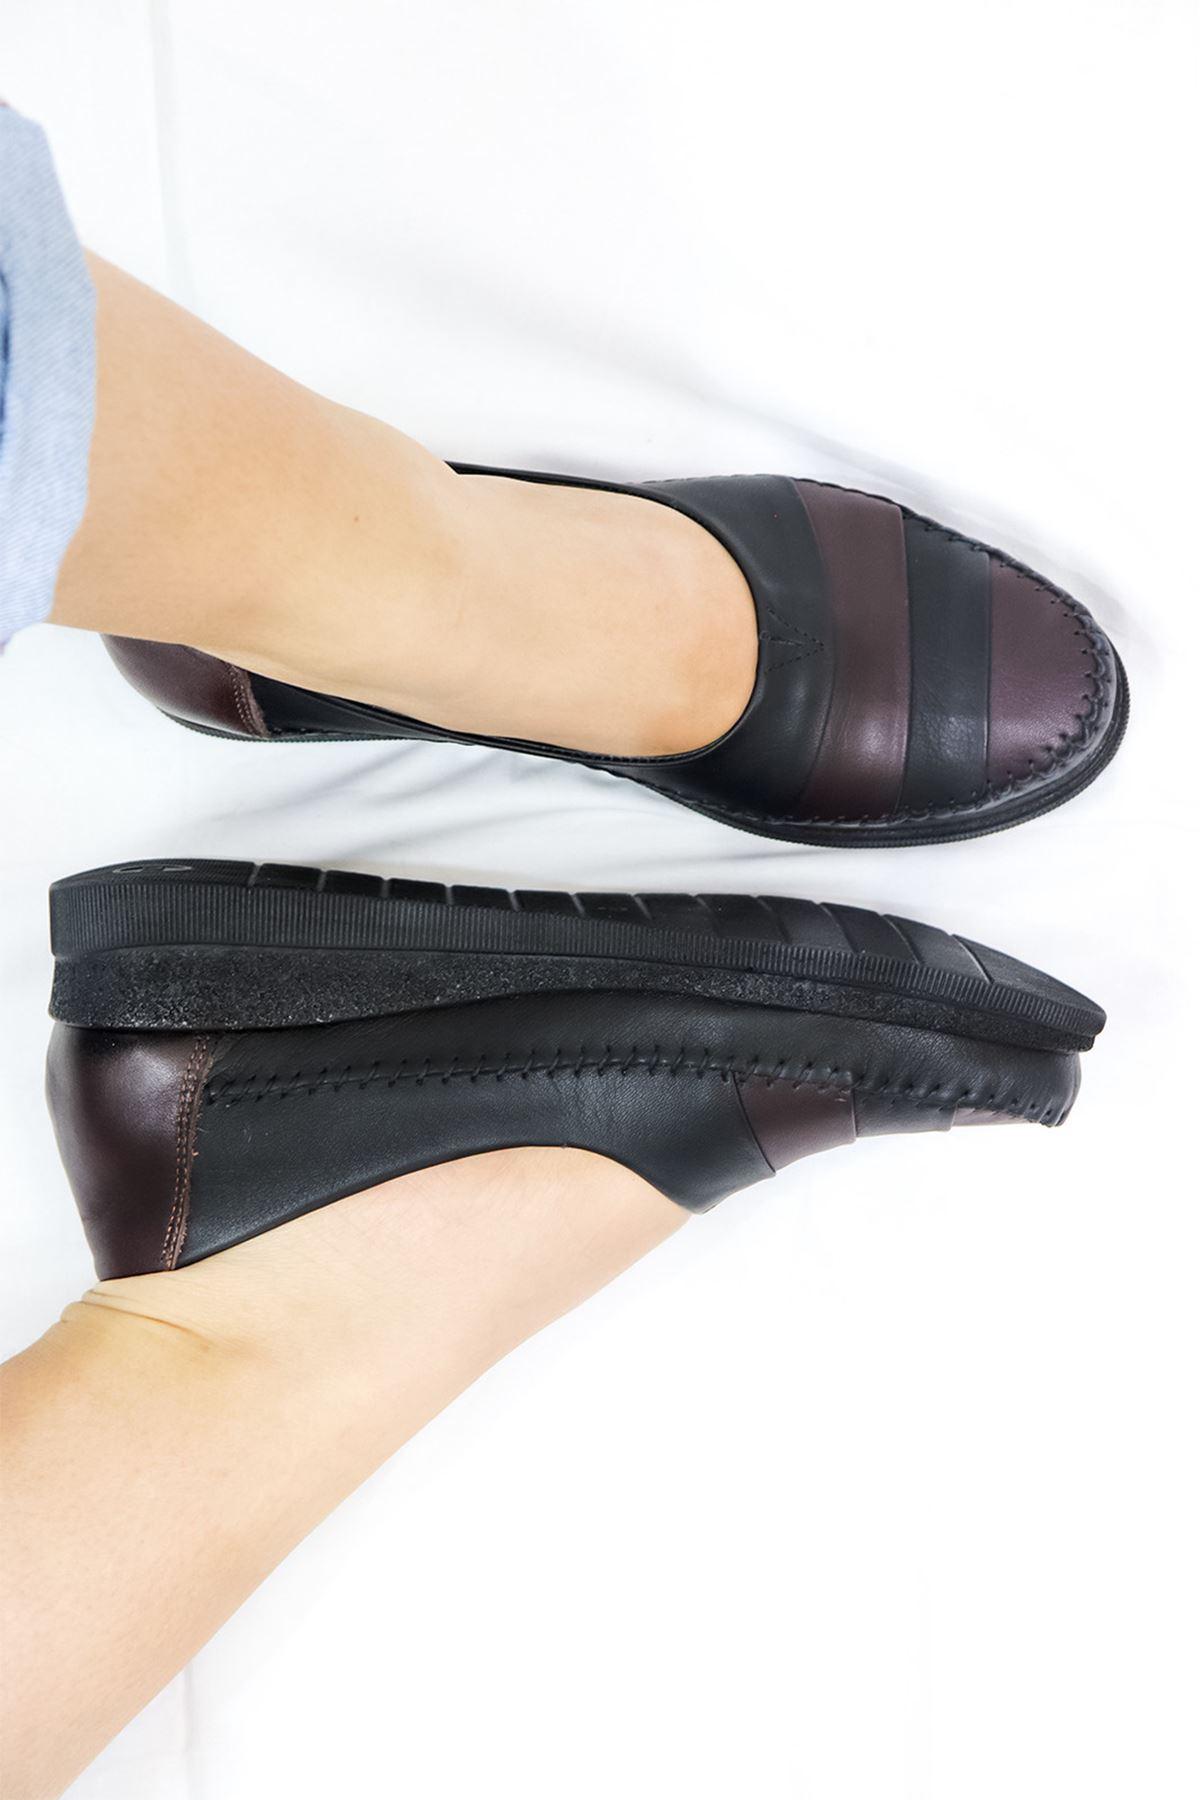 Mammamia - D21YA - 3340-B Siyah Kahve Kadın Ayakkabısı